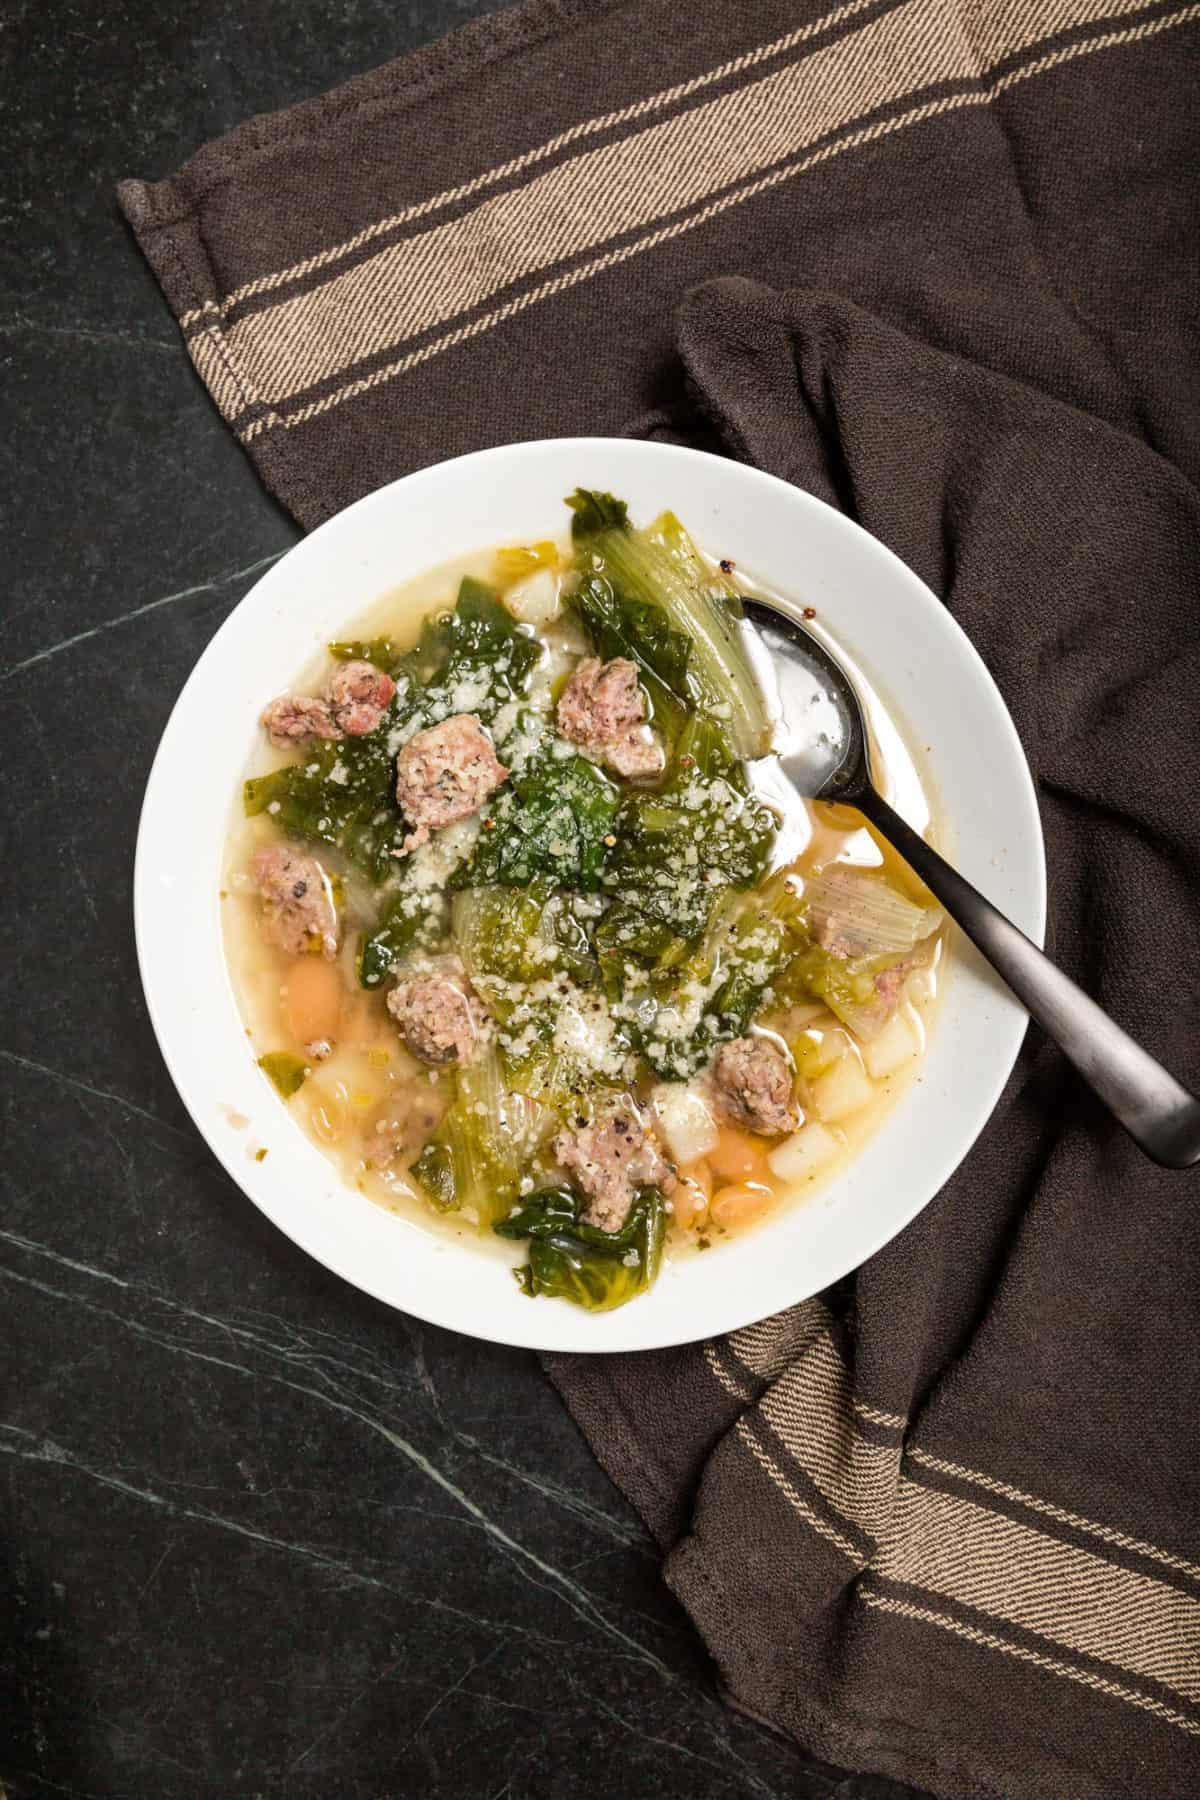 Ry's Soup